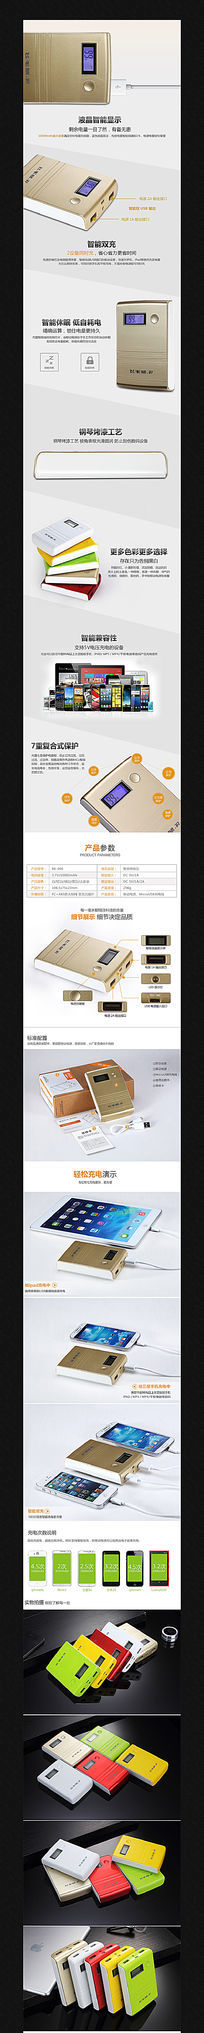 淘宝充电宝细节描述图模板